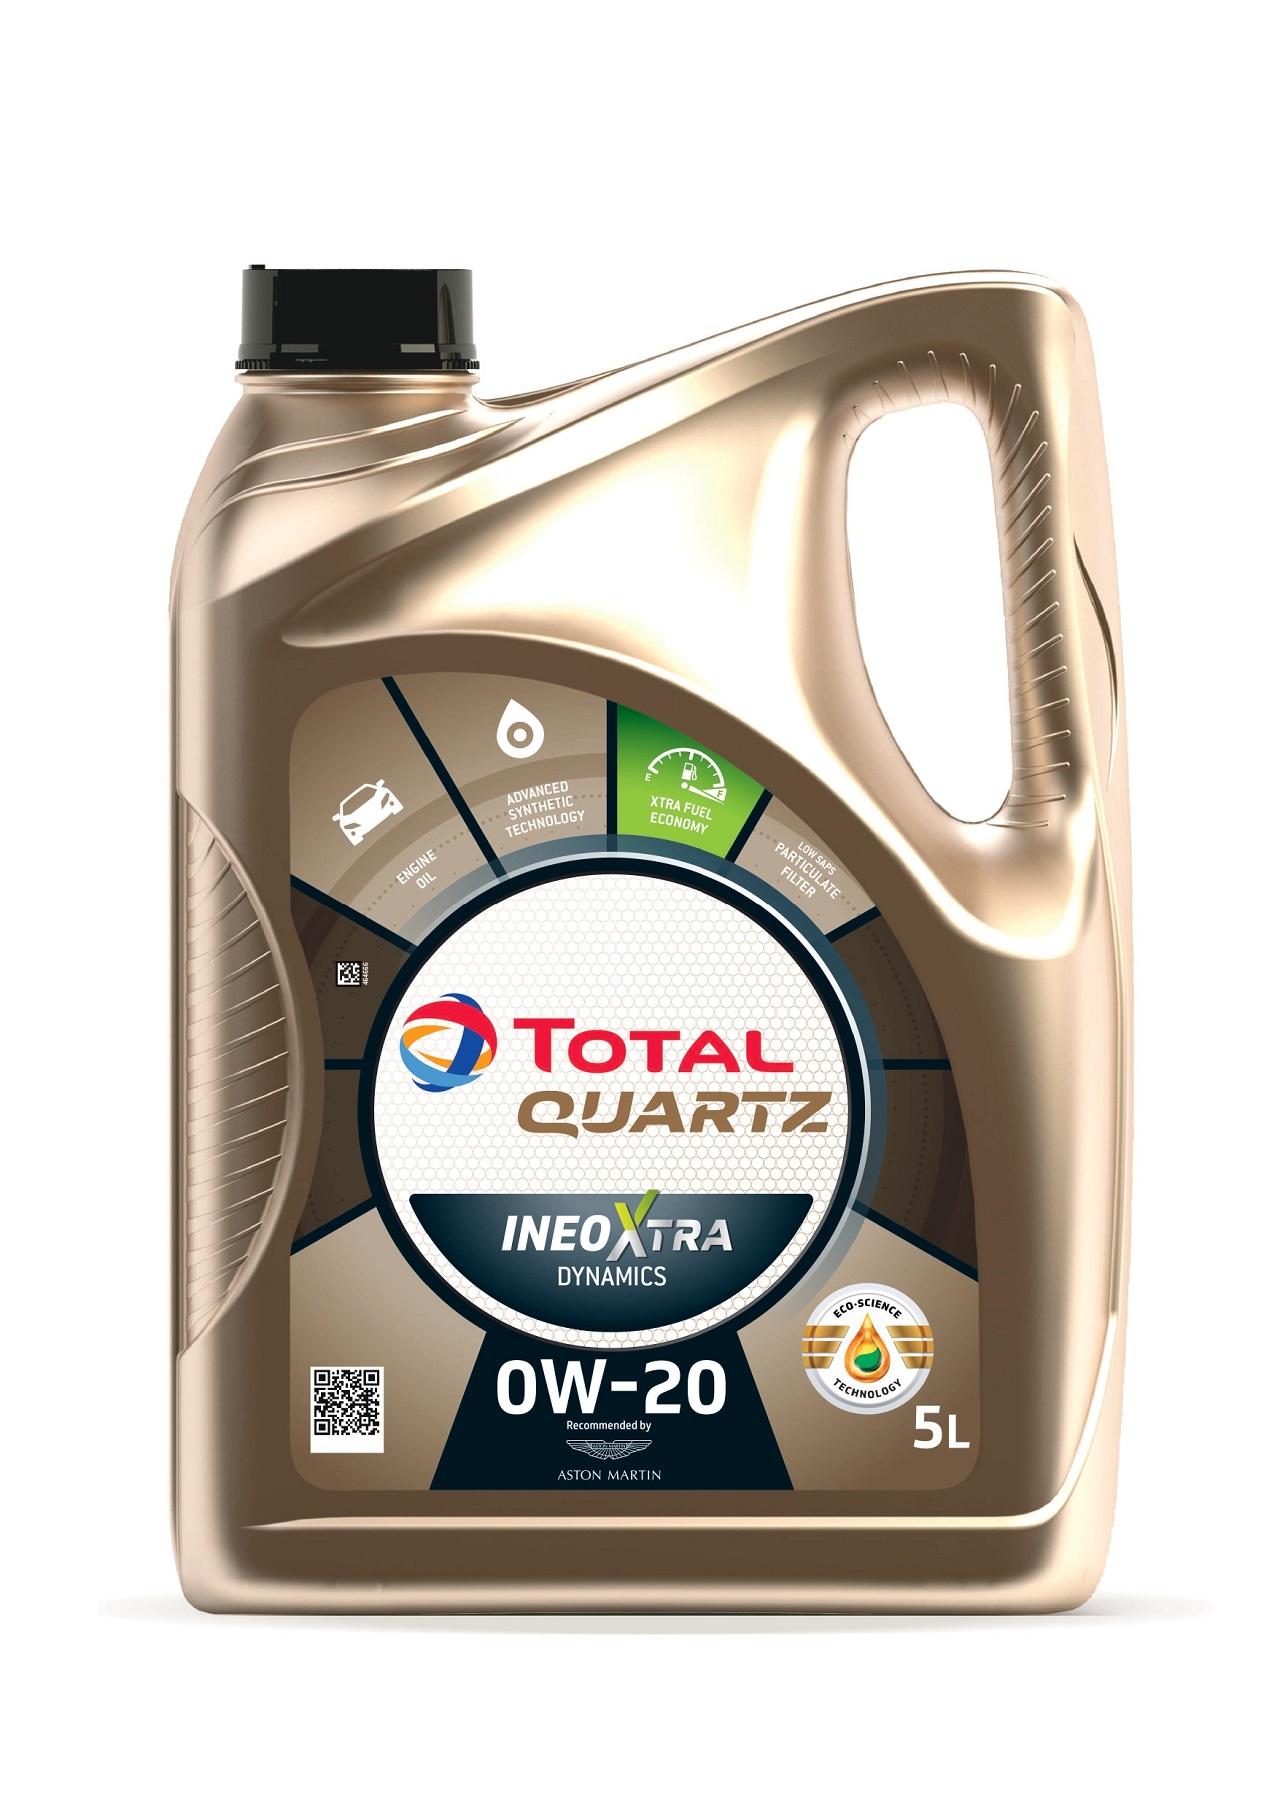 Tertulia AutoFM: TOTAL nos cuenta como bajar emisiones con aceite motor de calidad